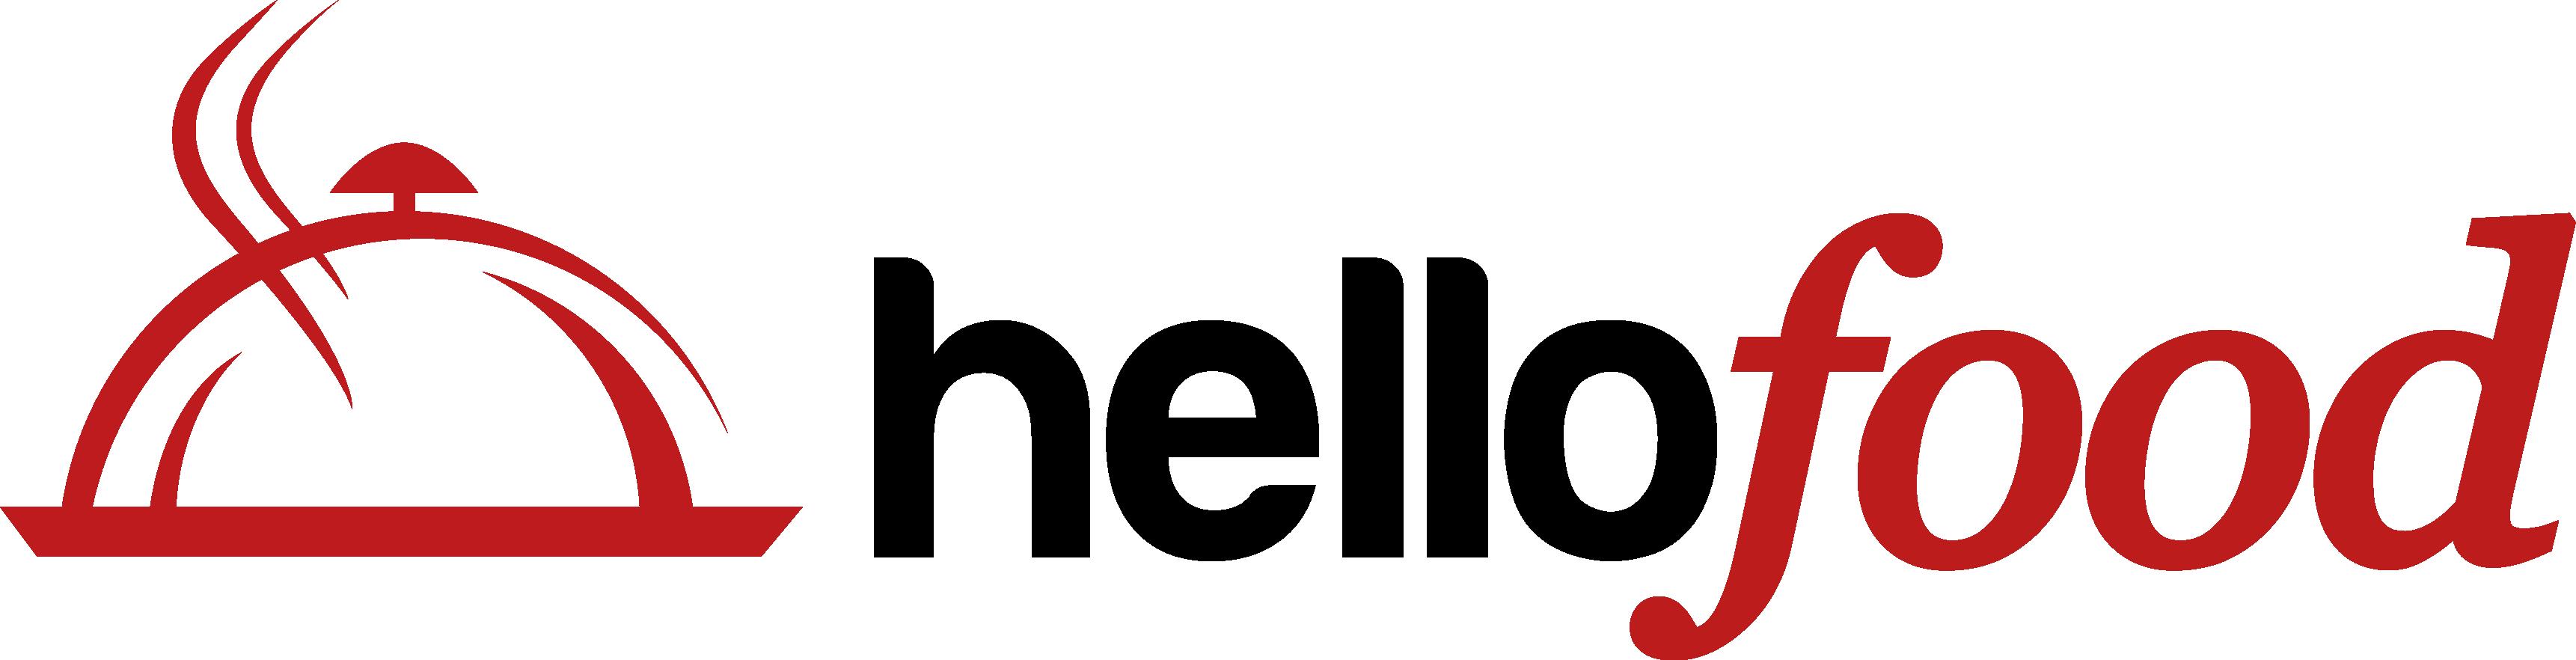 Restaurant menu logo png images for Cuisine logo